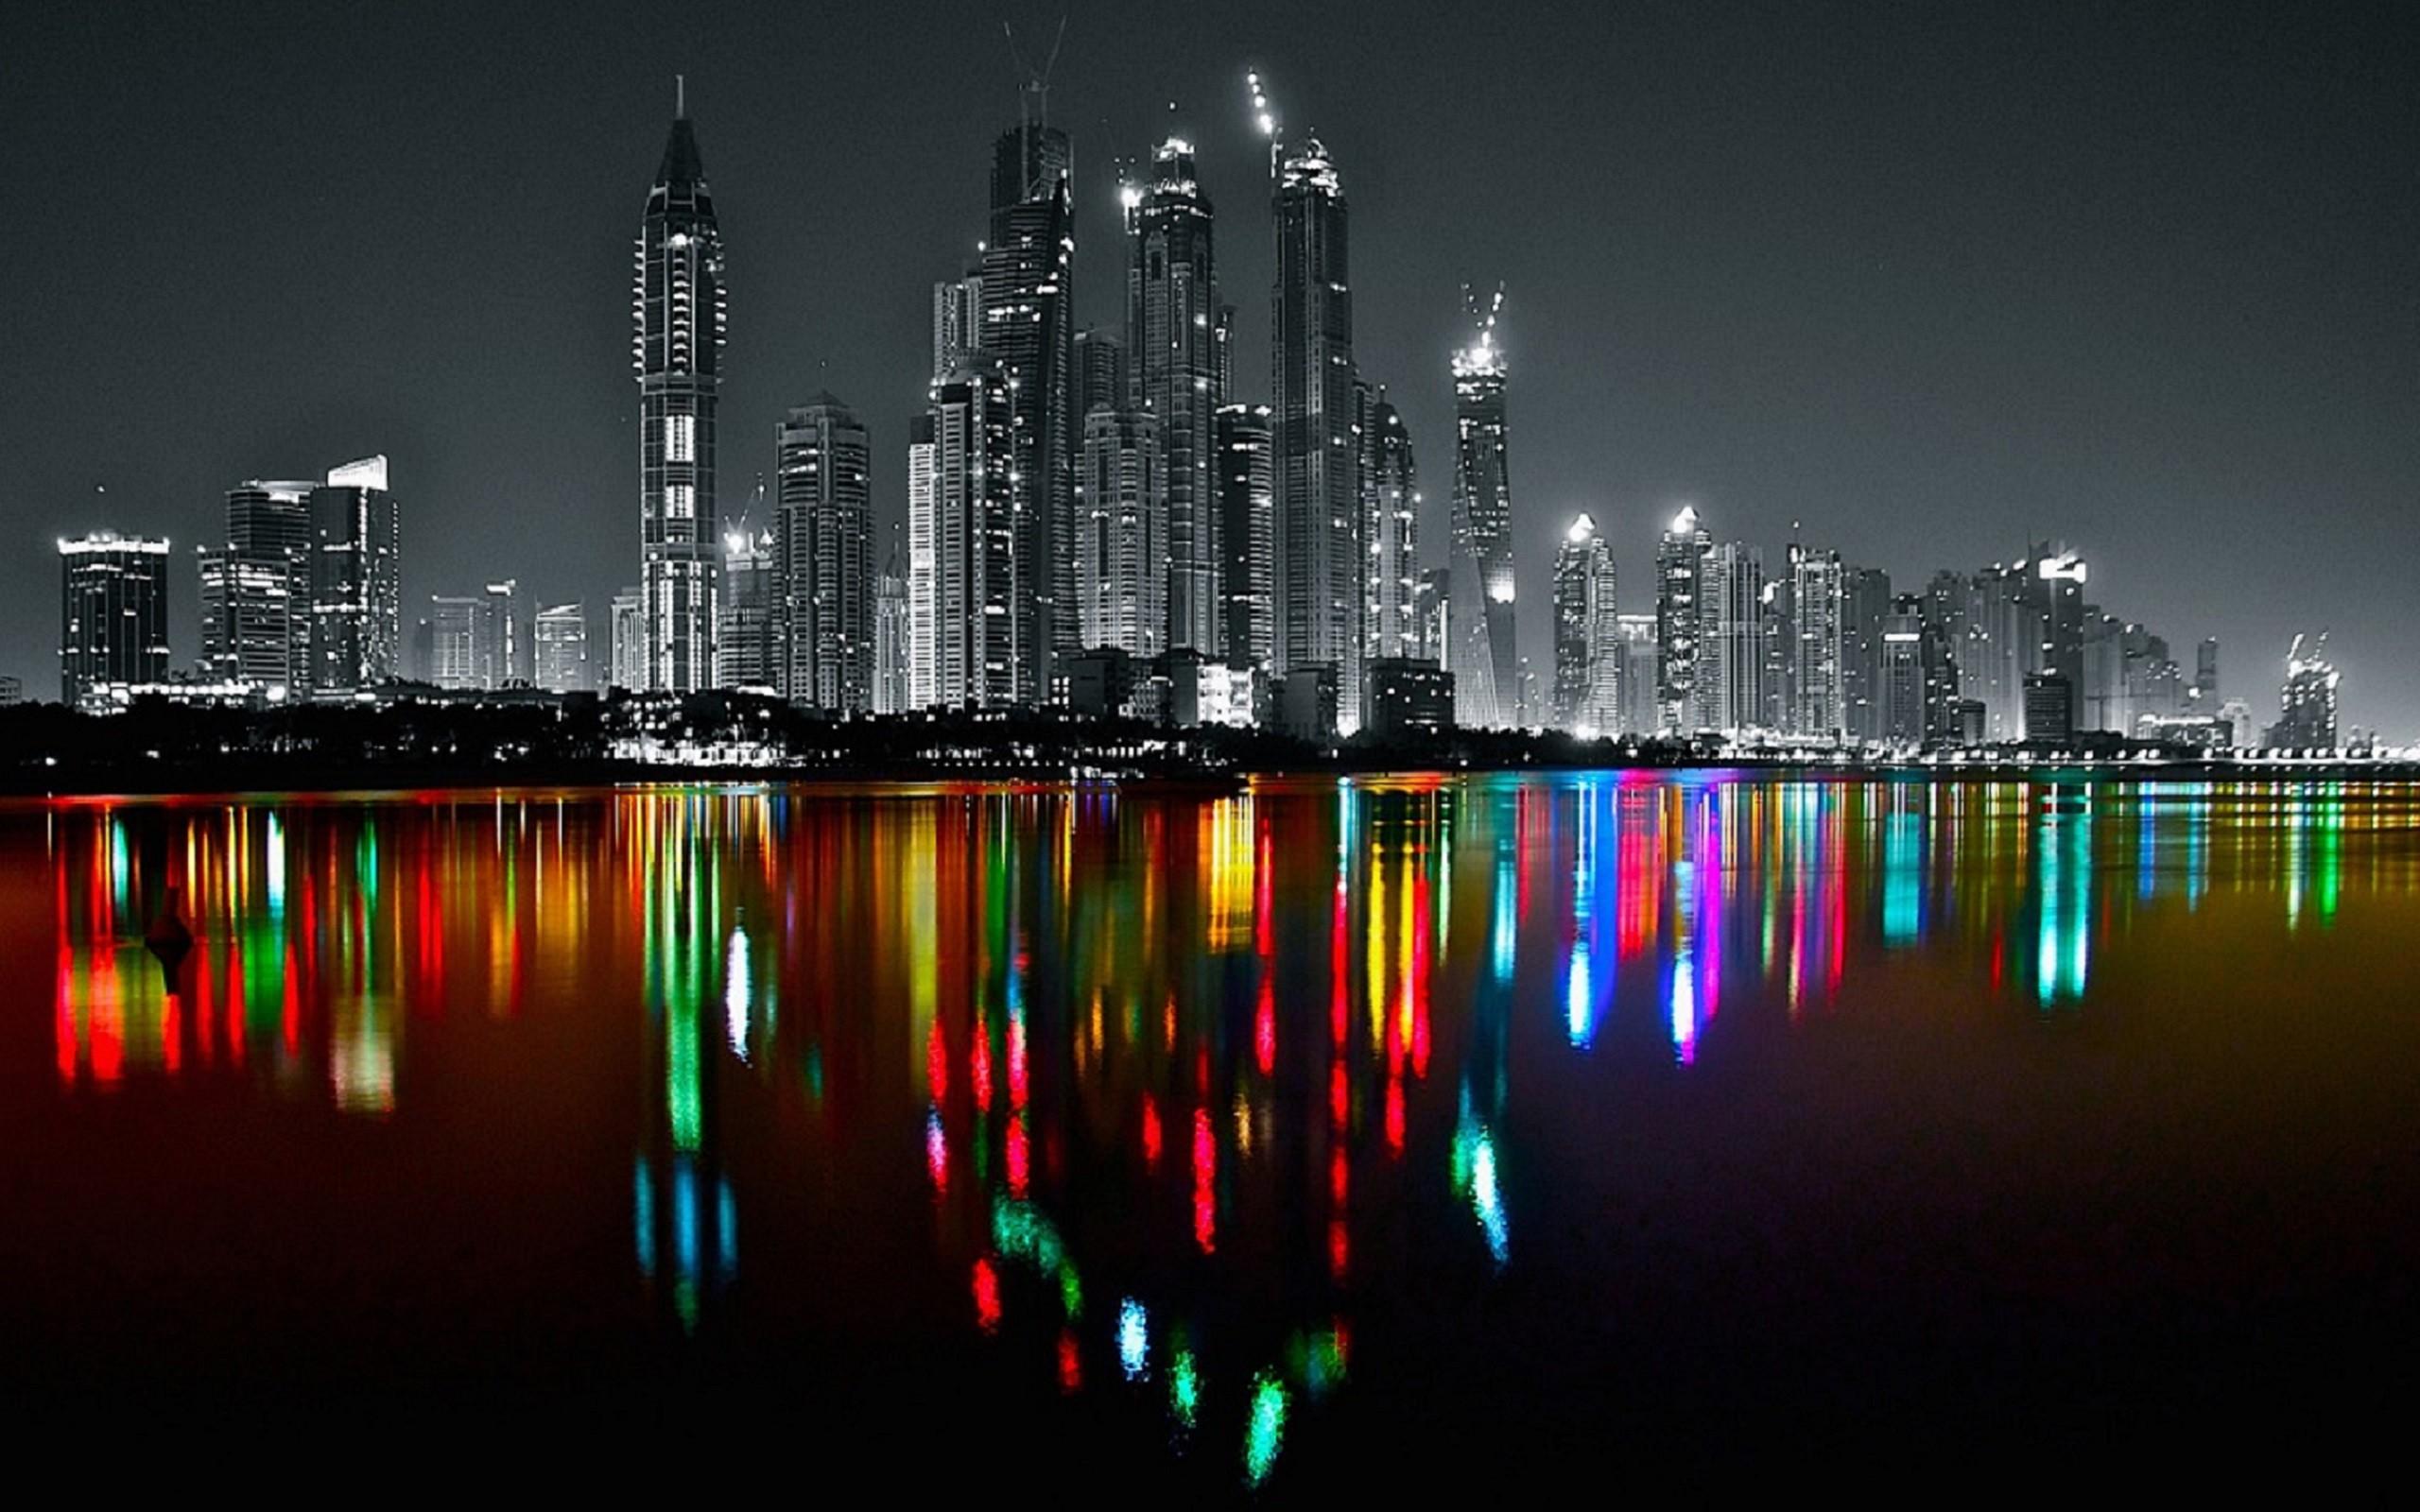 Dubai Modern Art Photography Wallpaper